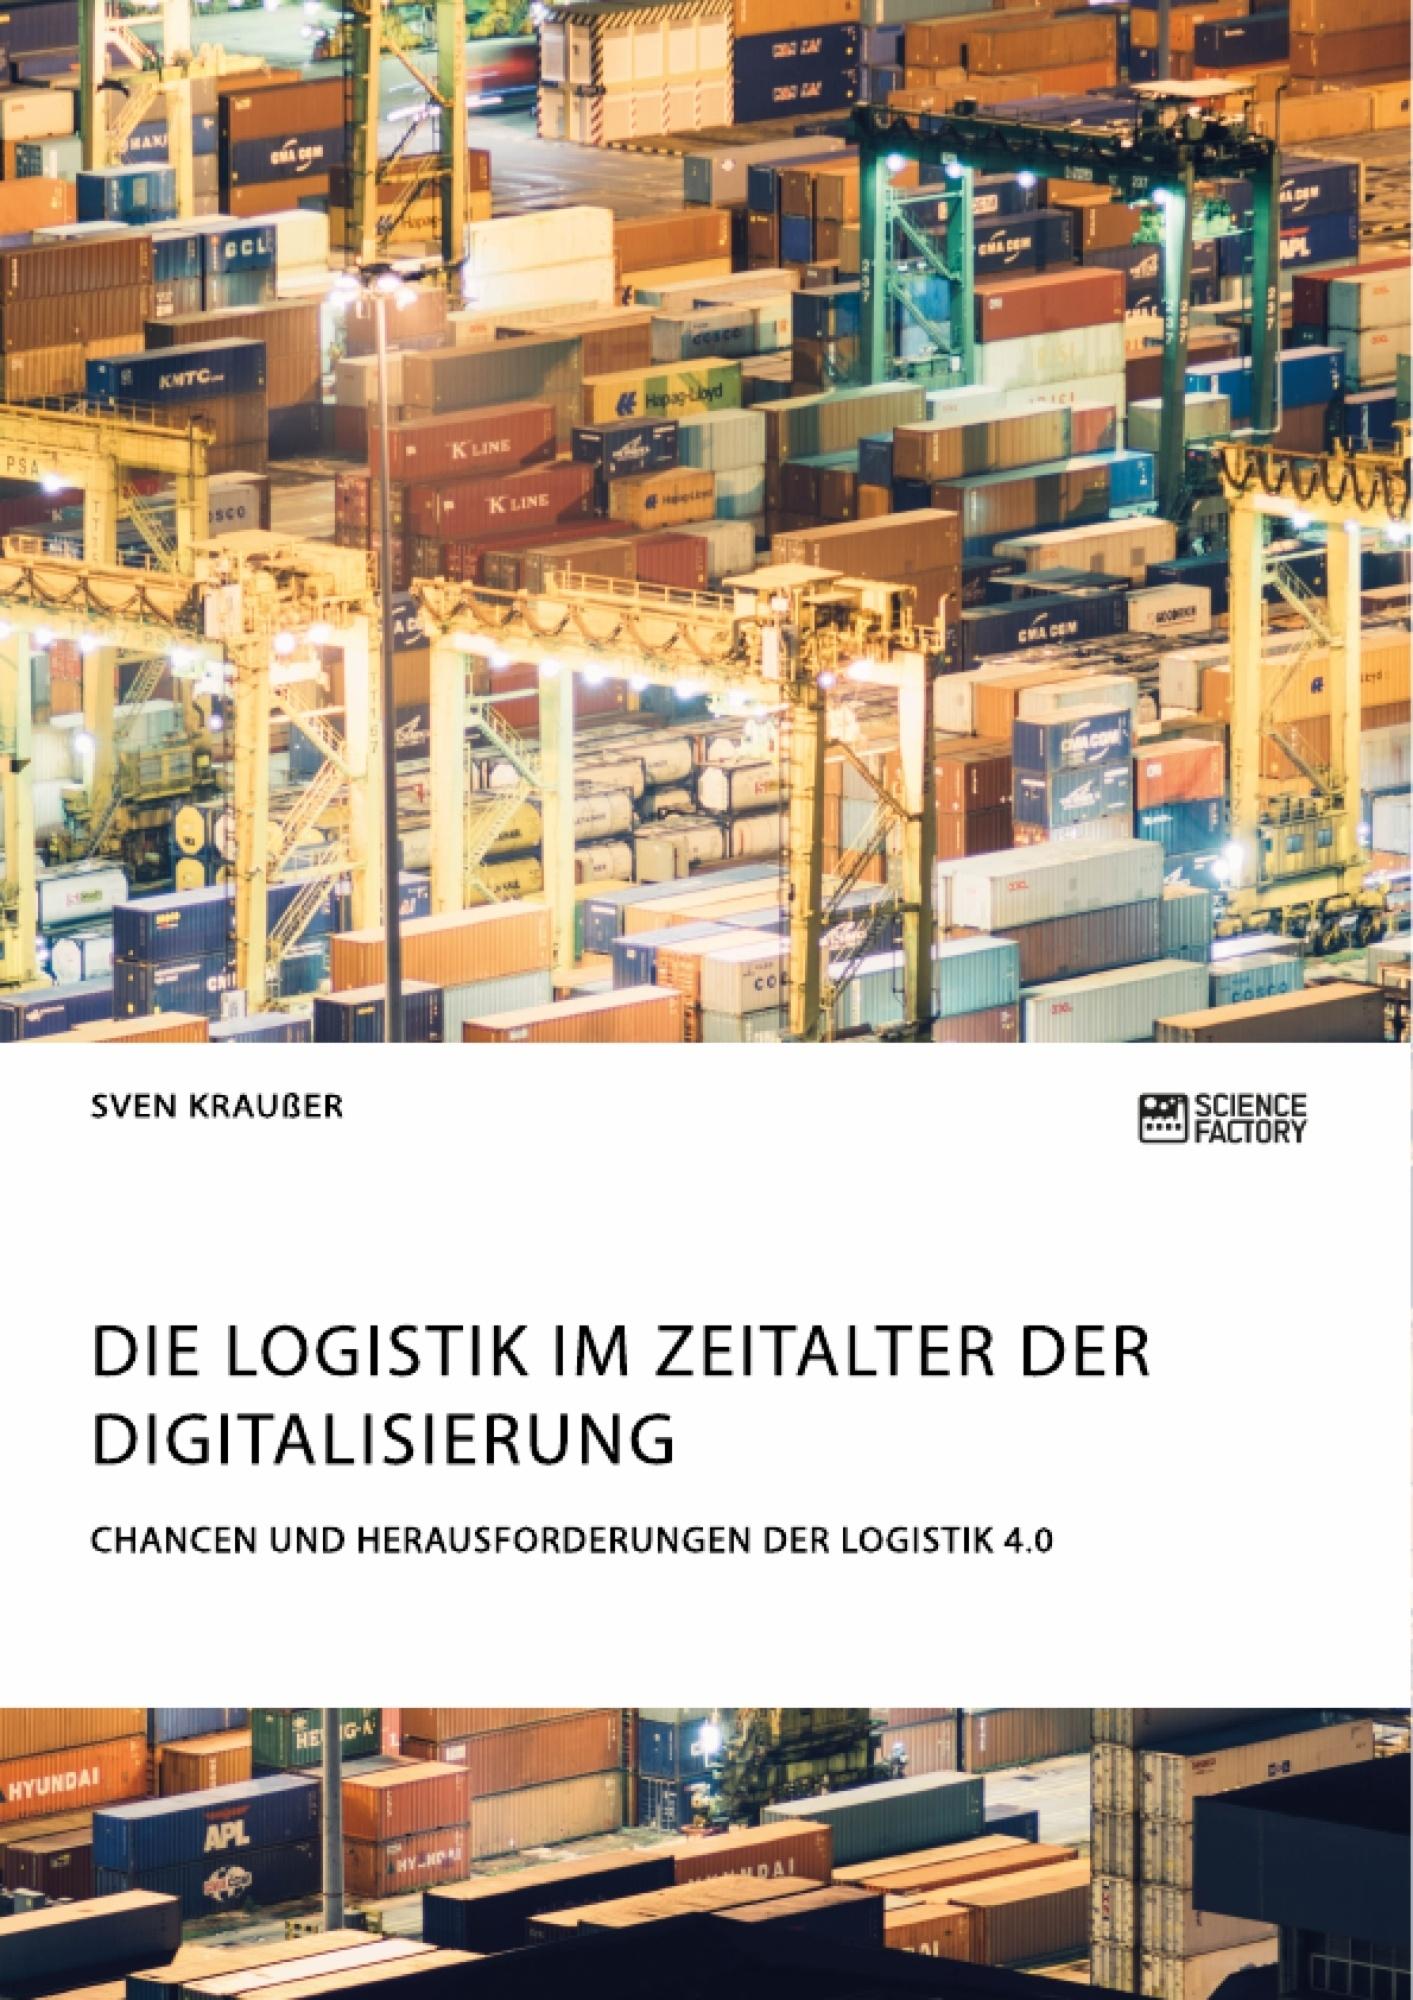 Titel: Die Logistik im Zeitalter der Digitalisierung. Chancen und Herausforderungen der Logistik 4.0